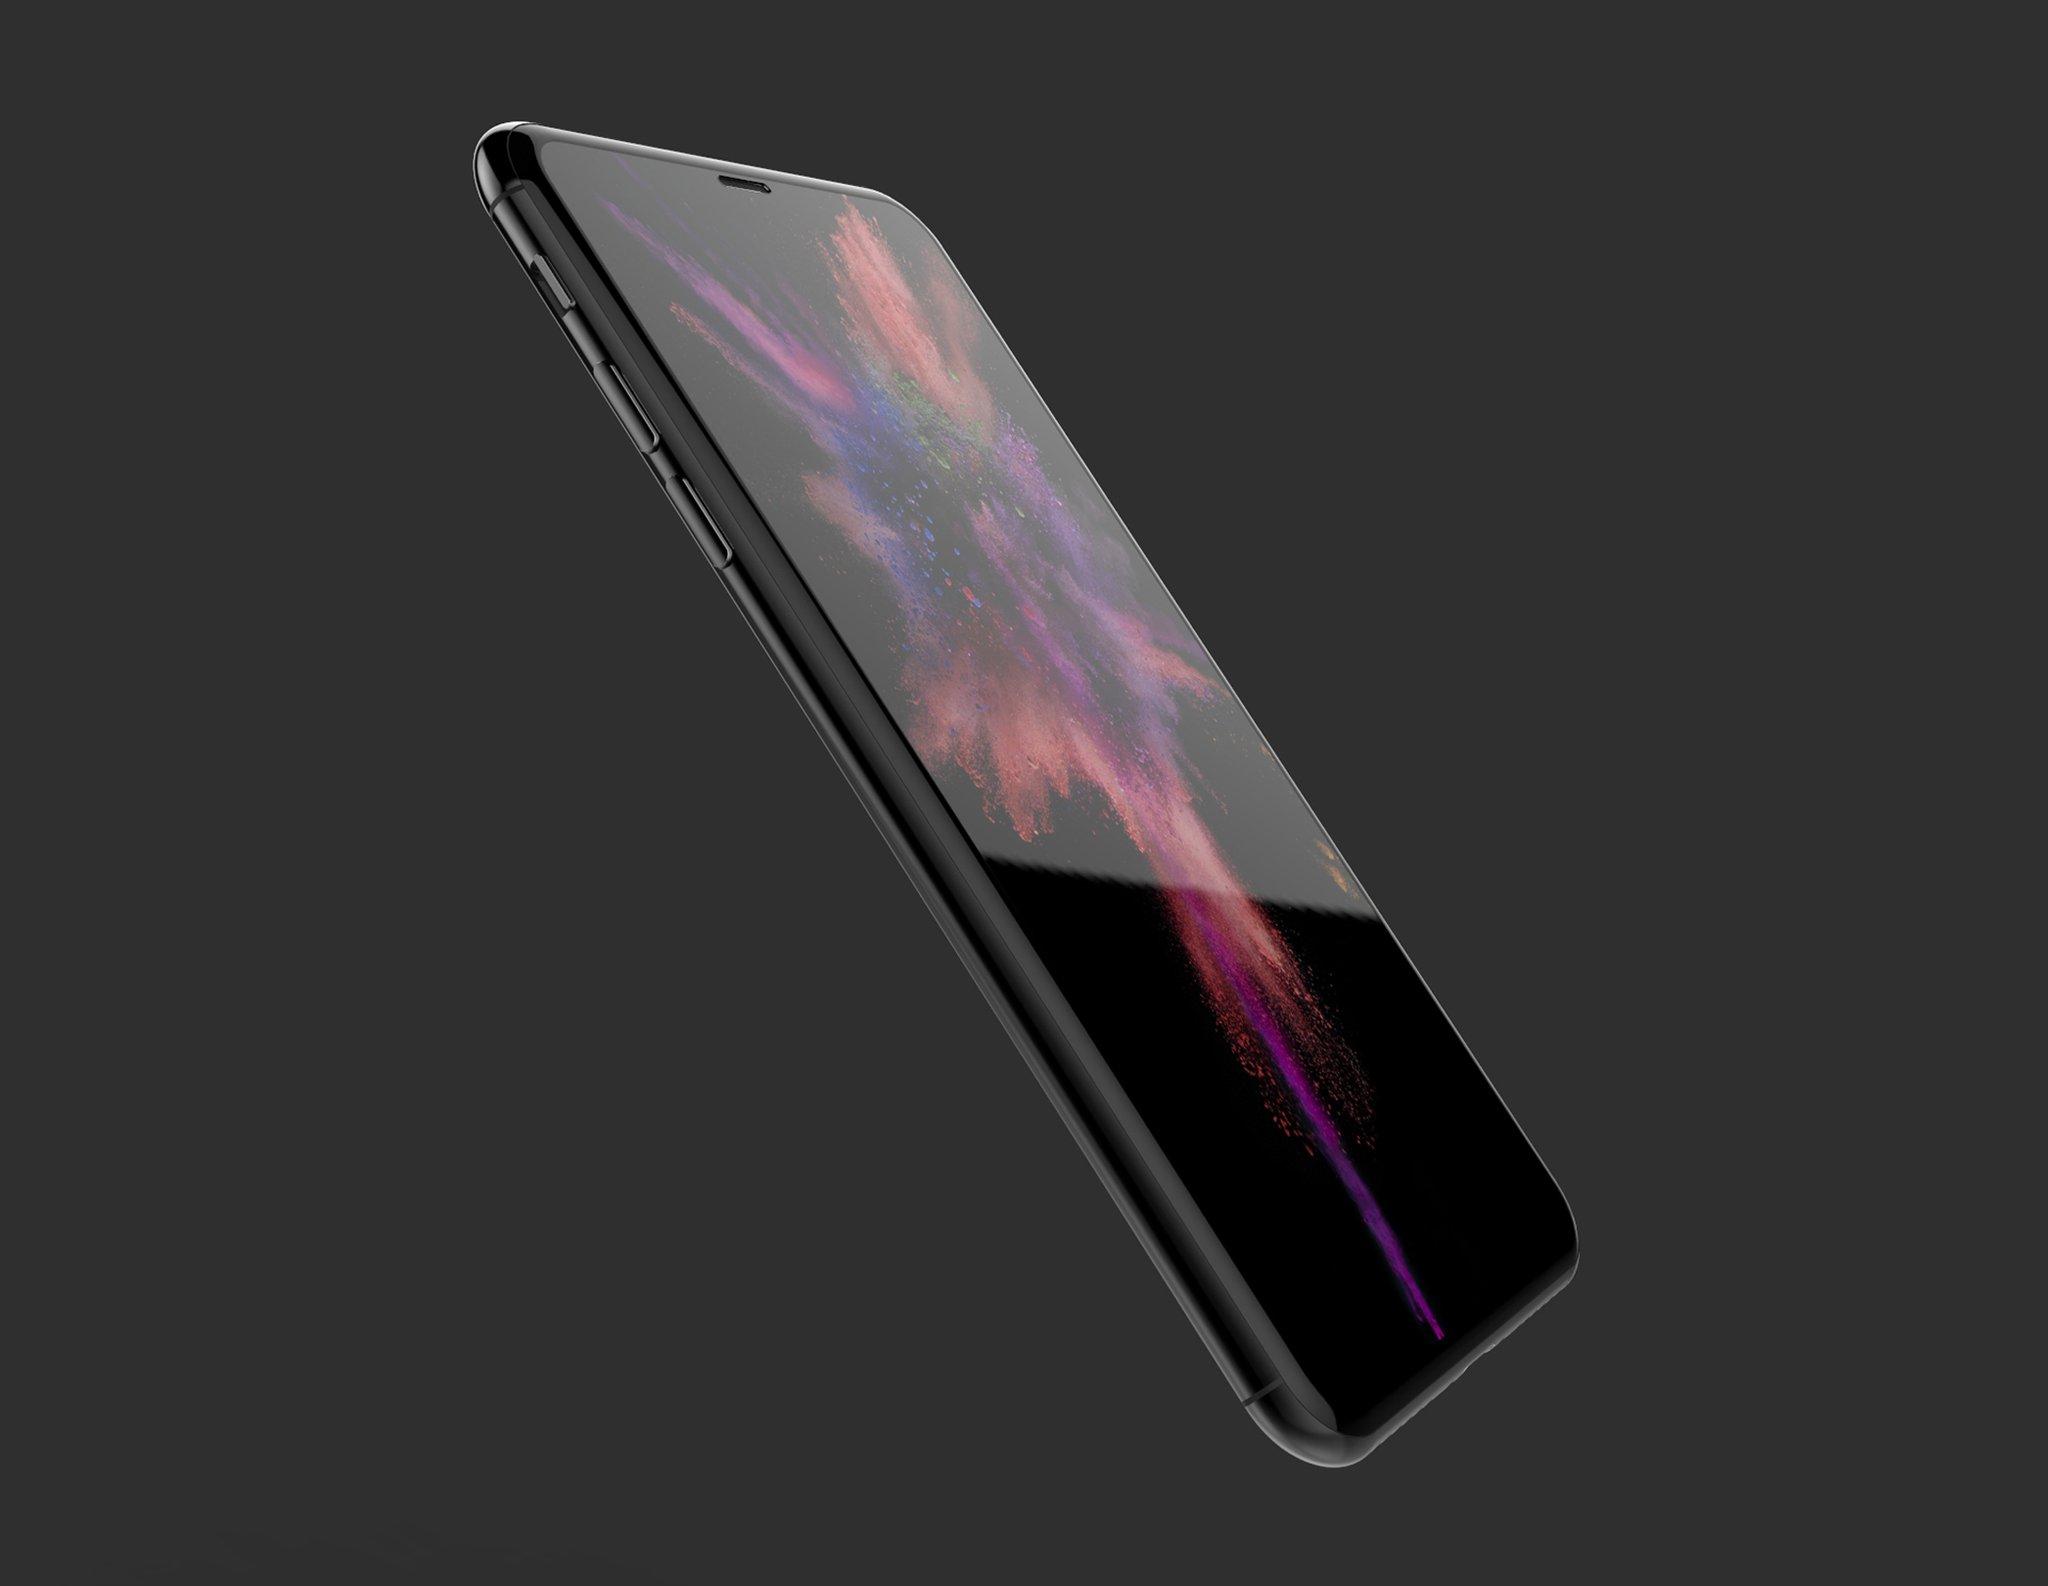 Ngắm ý tưởng iPhone 8 dễ thành sự thật nhất, bạn sẽ mê mệt bởi vẻ đẹp mĩ miều này - Ảnh 1.